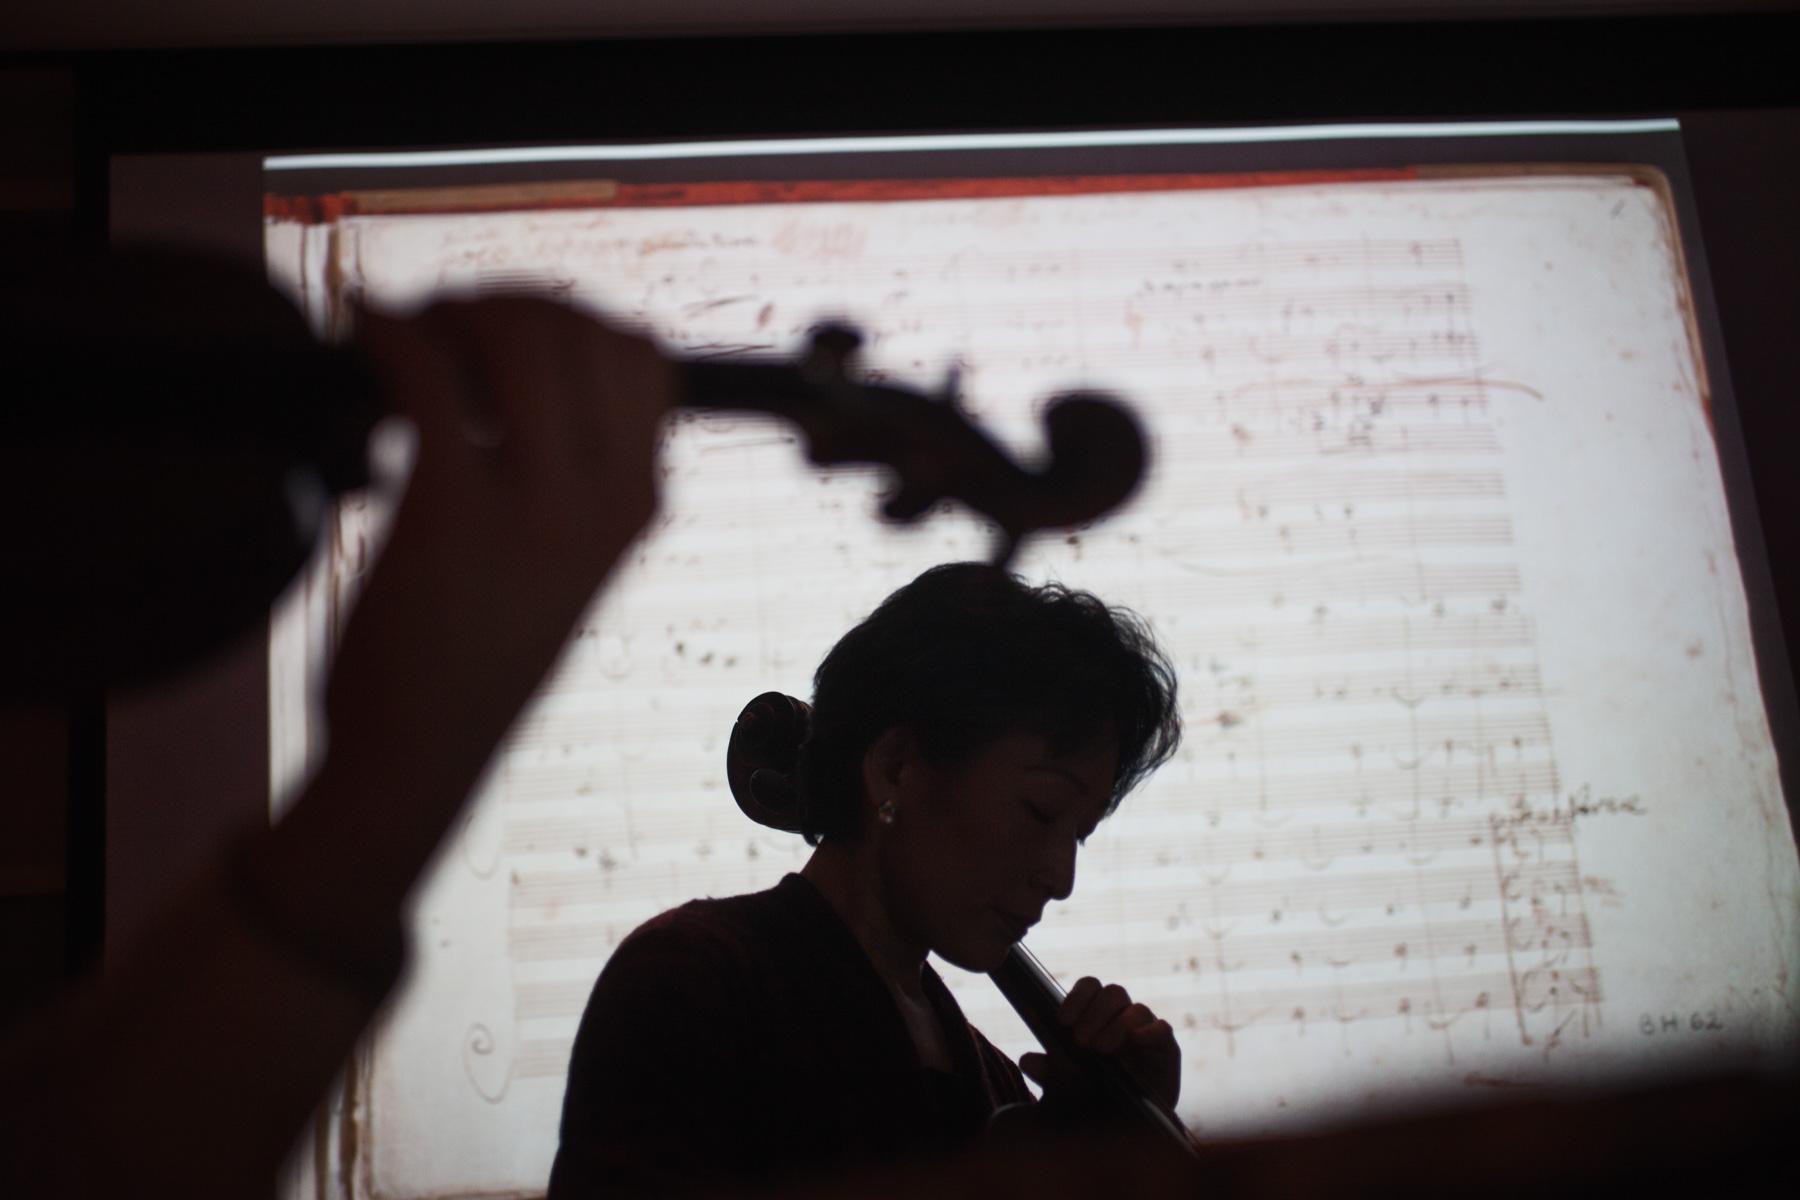 cello-music-rehearsal-1.jpg